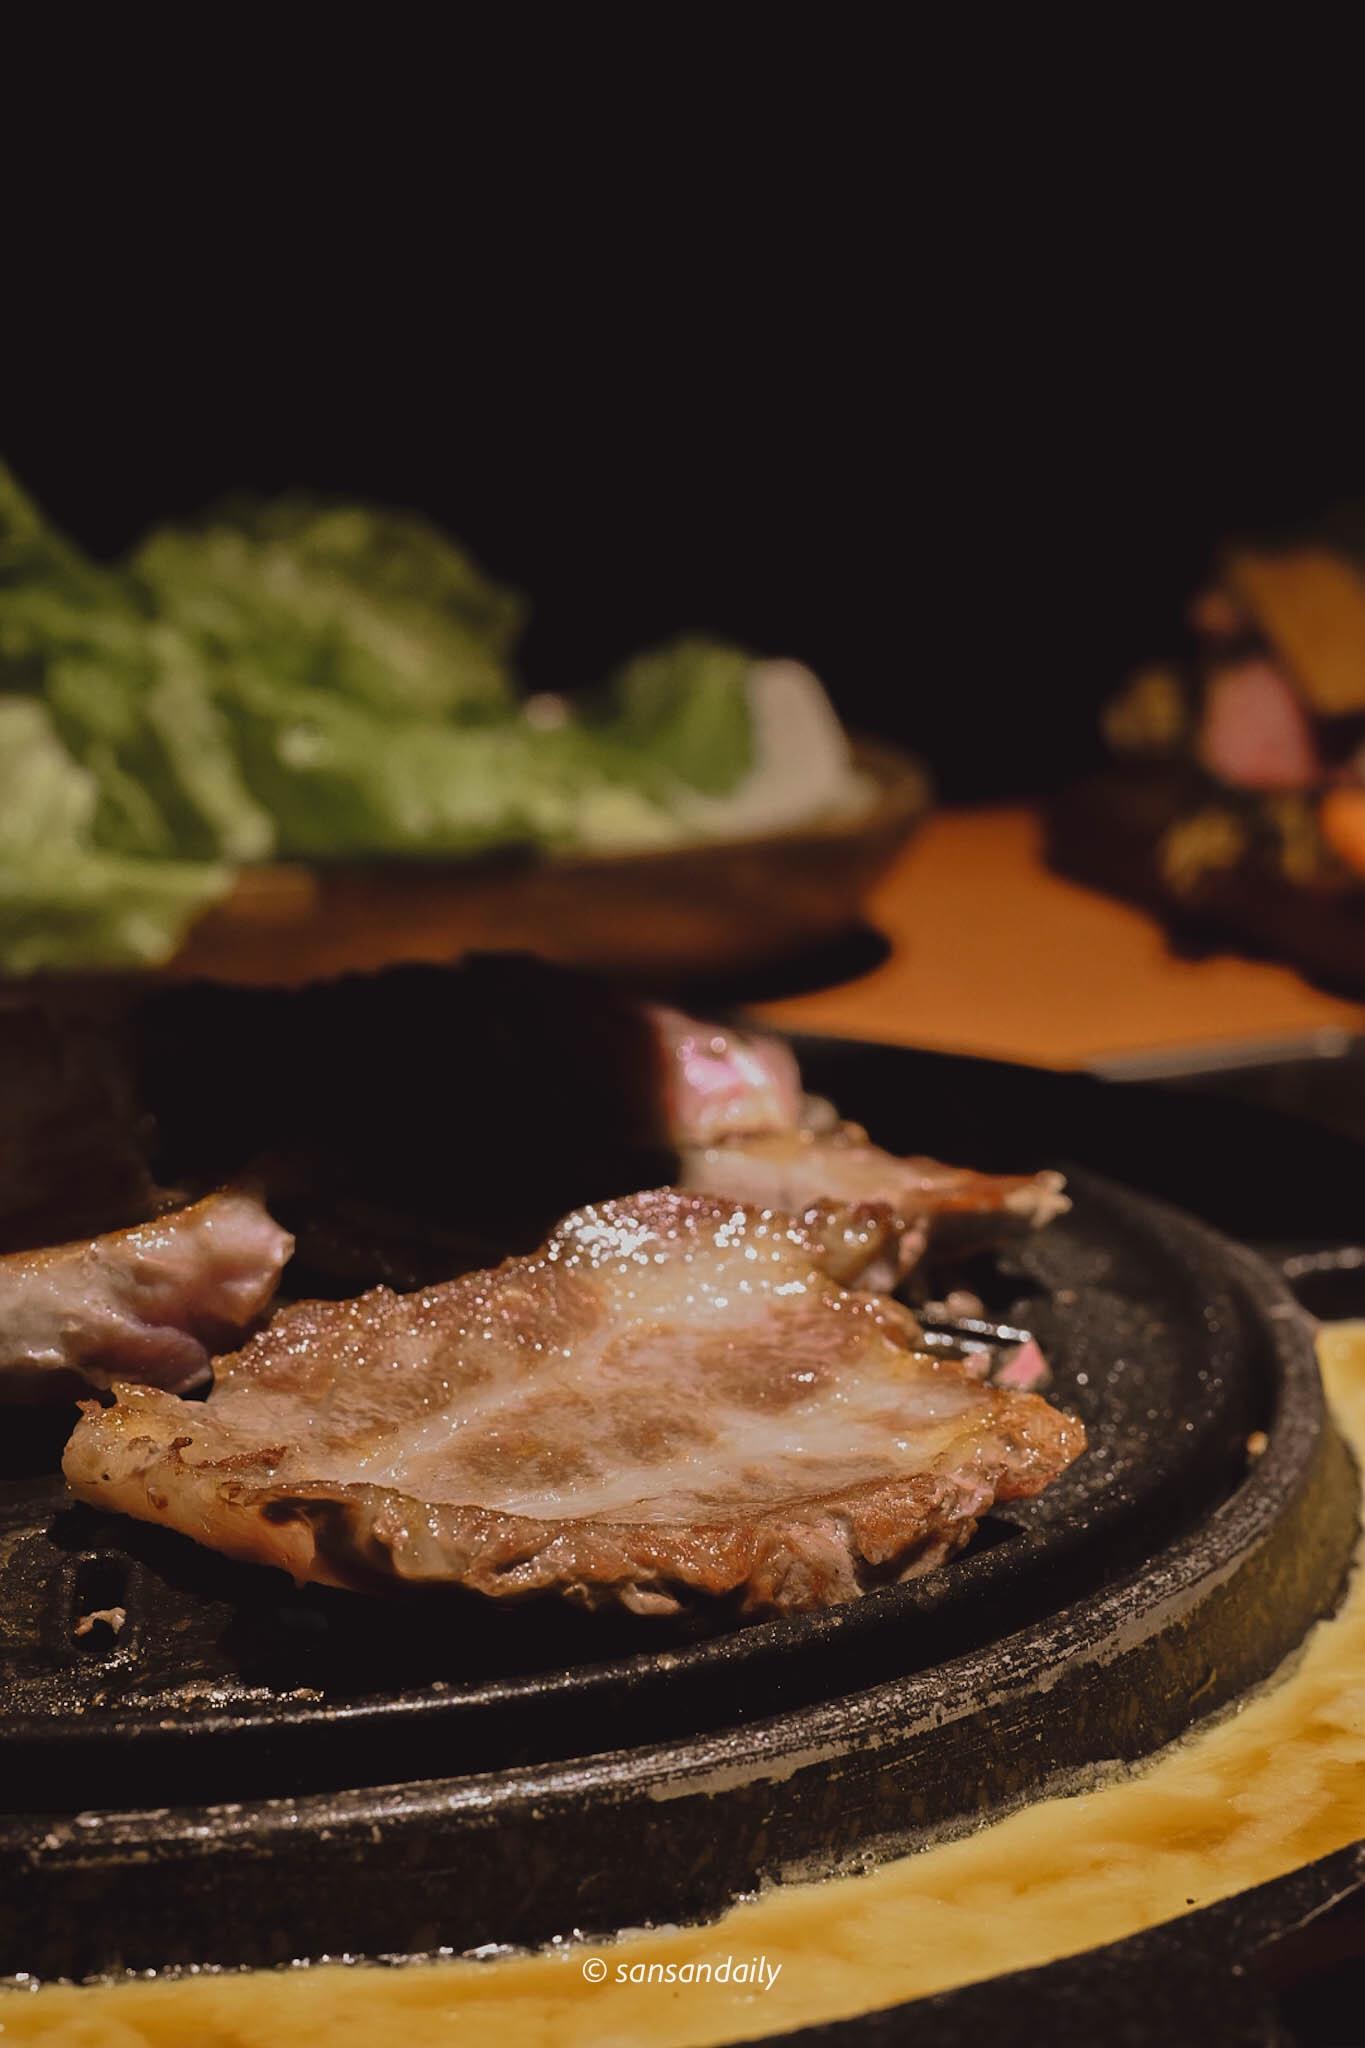 一片油亮亮的烤豬五花